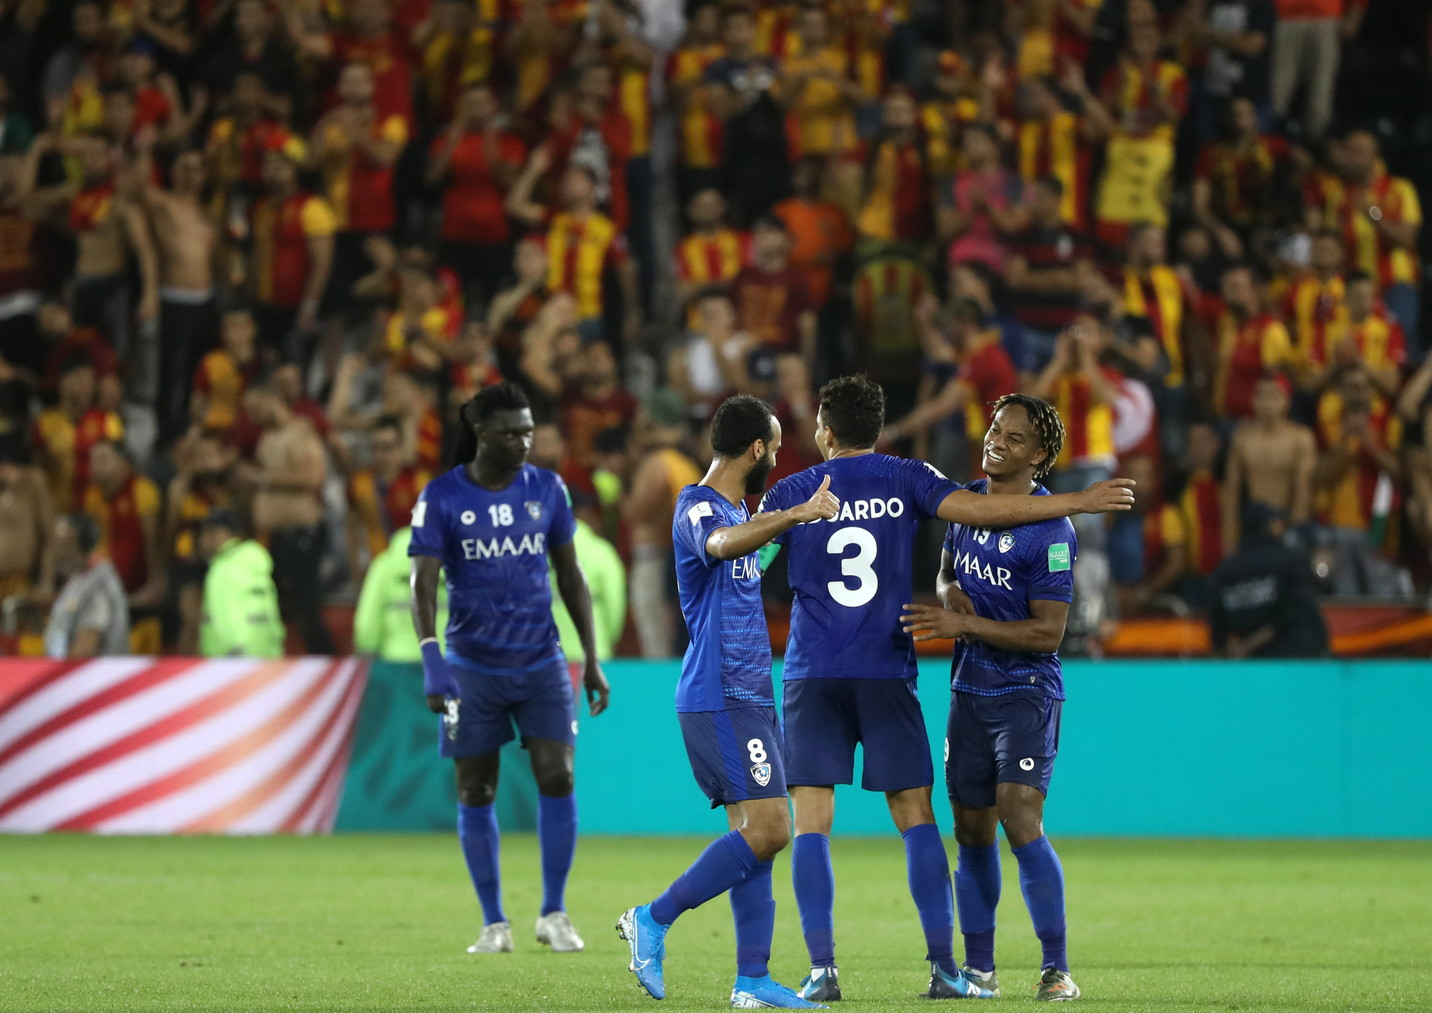 L'Al-Hilal batte per 1-0 l'Esperance Tunisi in un quarto di finale della Coppa del Mondo per Club estremamente combattuto in quel di Doha, gua...